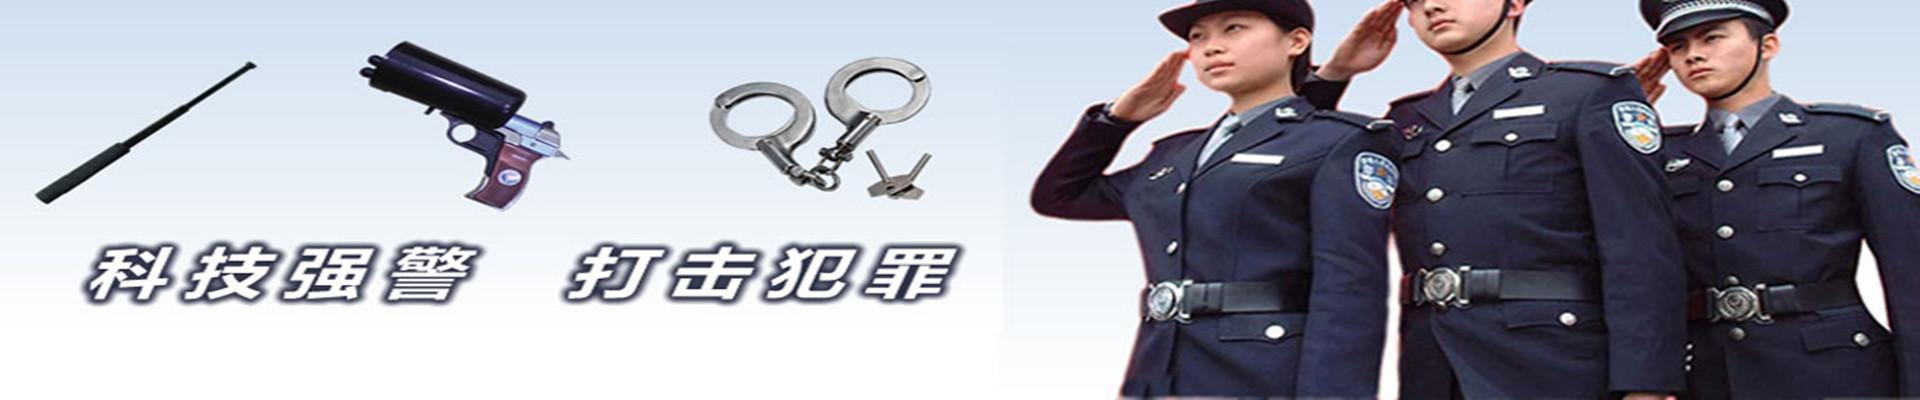 保安用品專賣